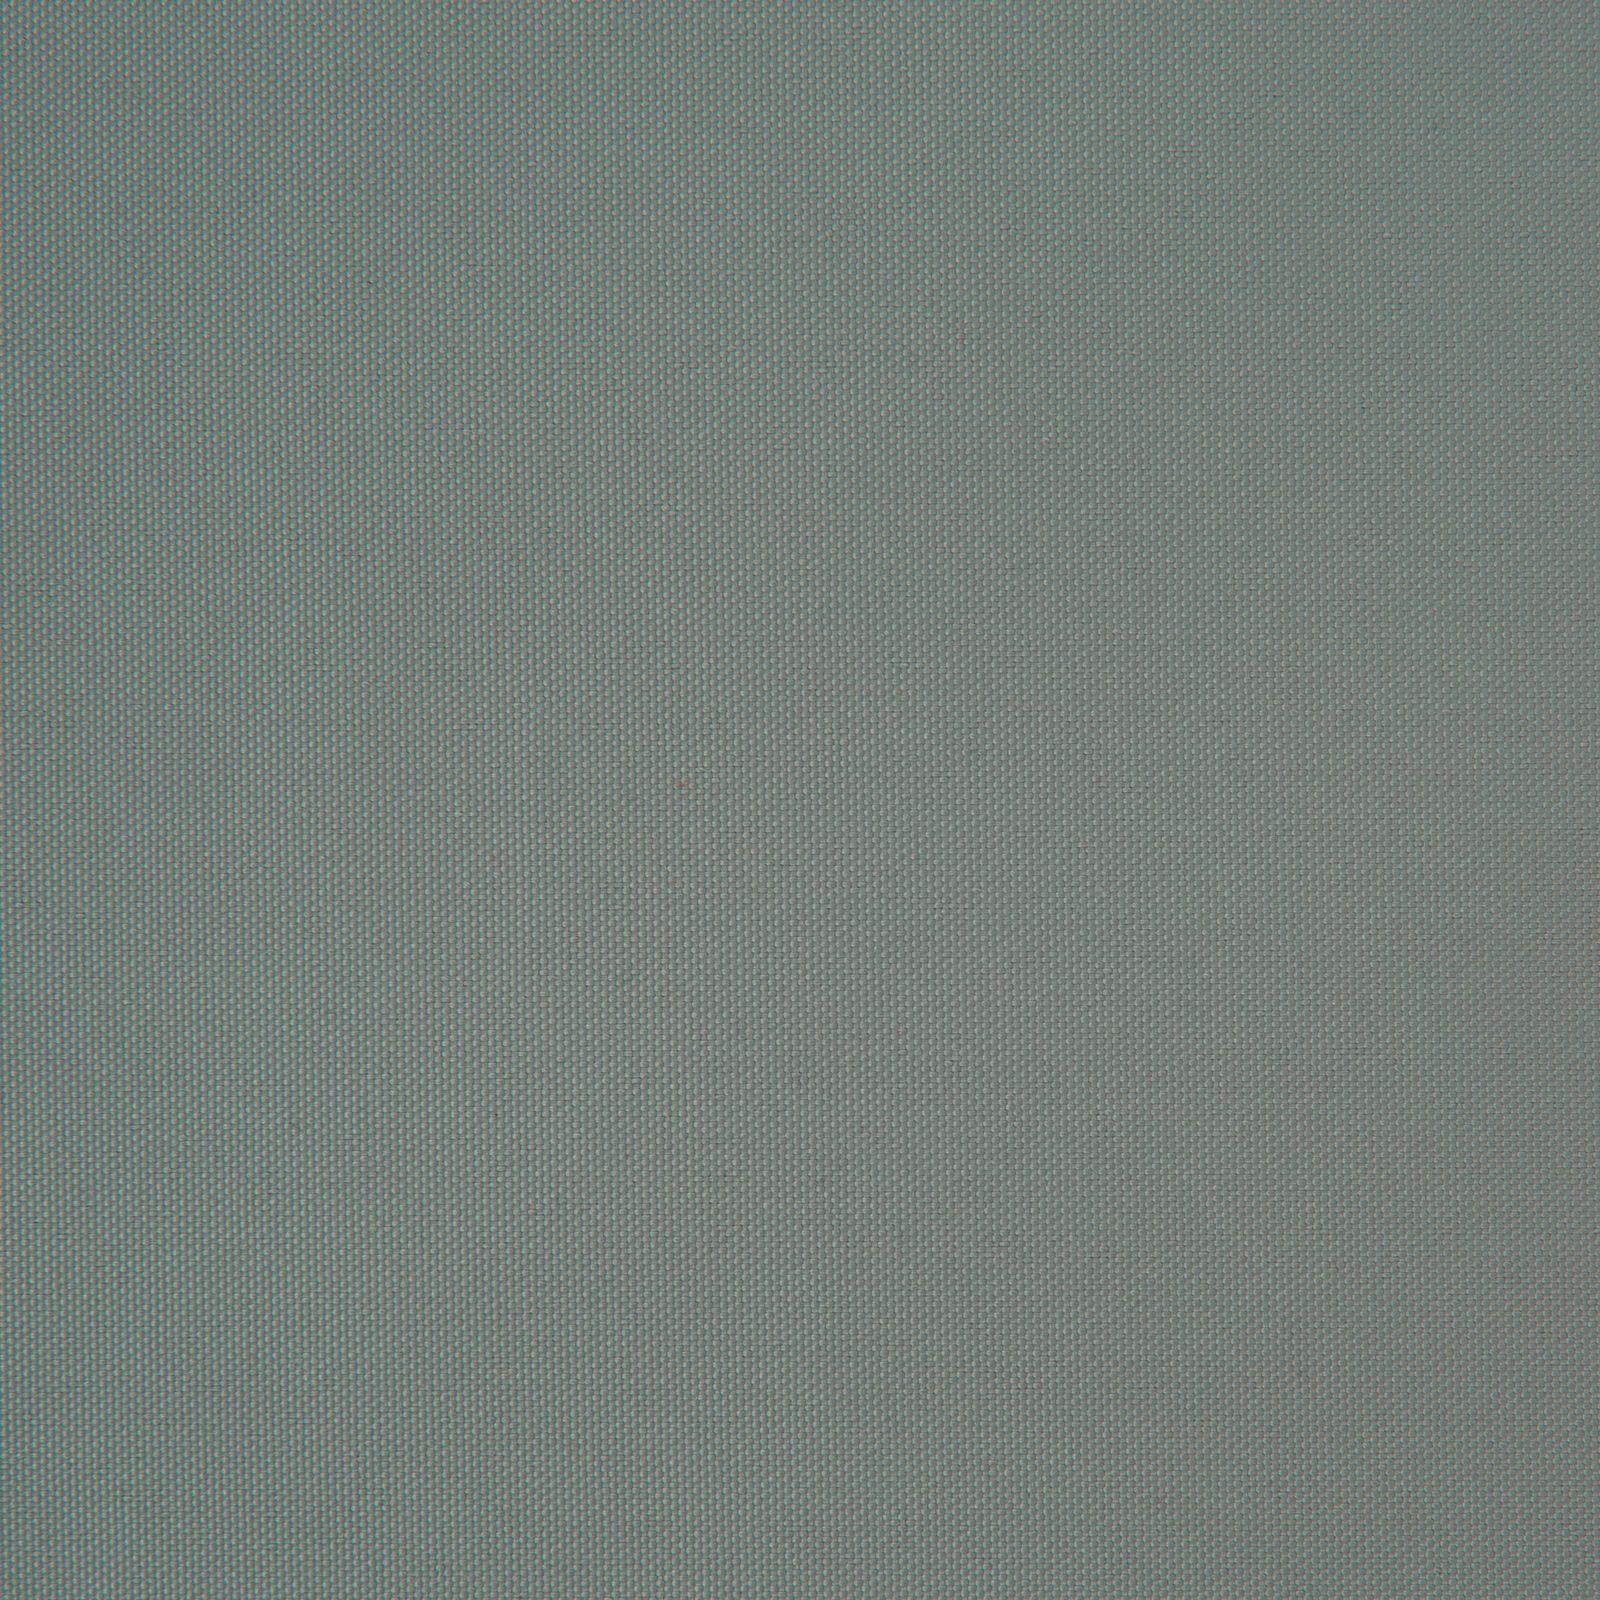 Daszek do huśtawki ogrodowej 194 x 121 cm Toledo szary D031-06CW PATIO